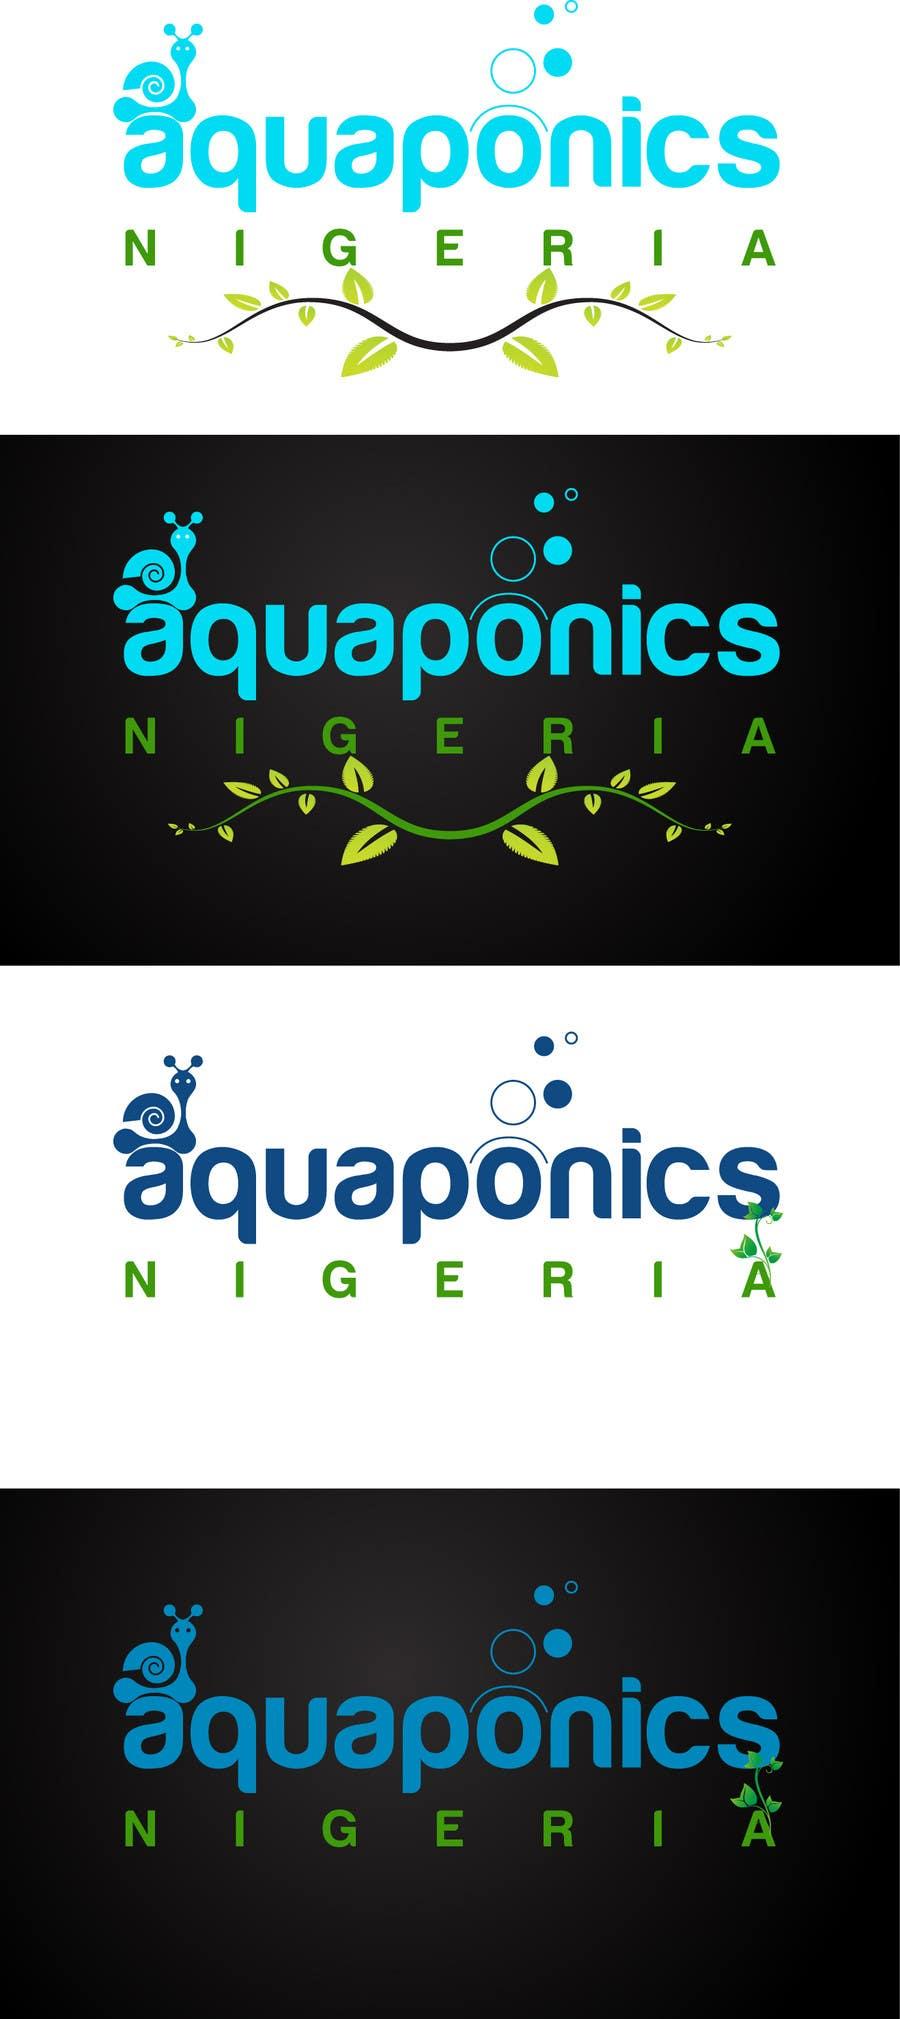 Contest Entry #36 for Design a Logo for www.AquaponicsNigeria.com